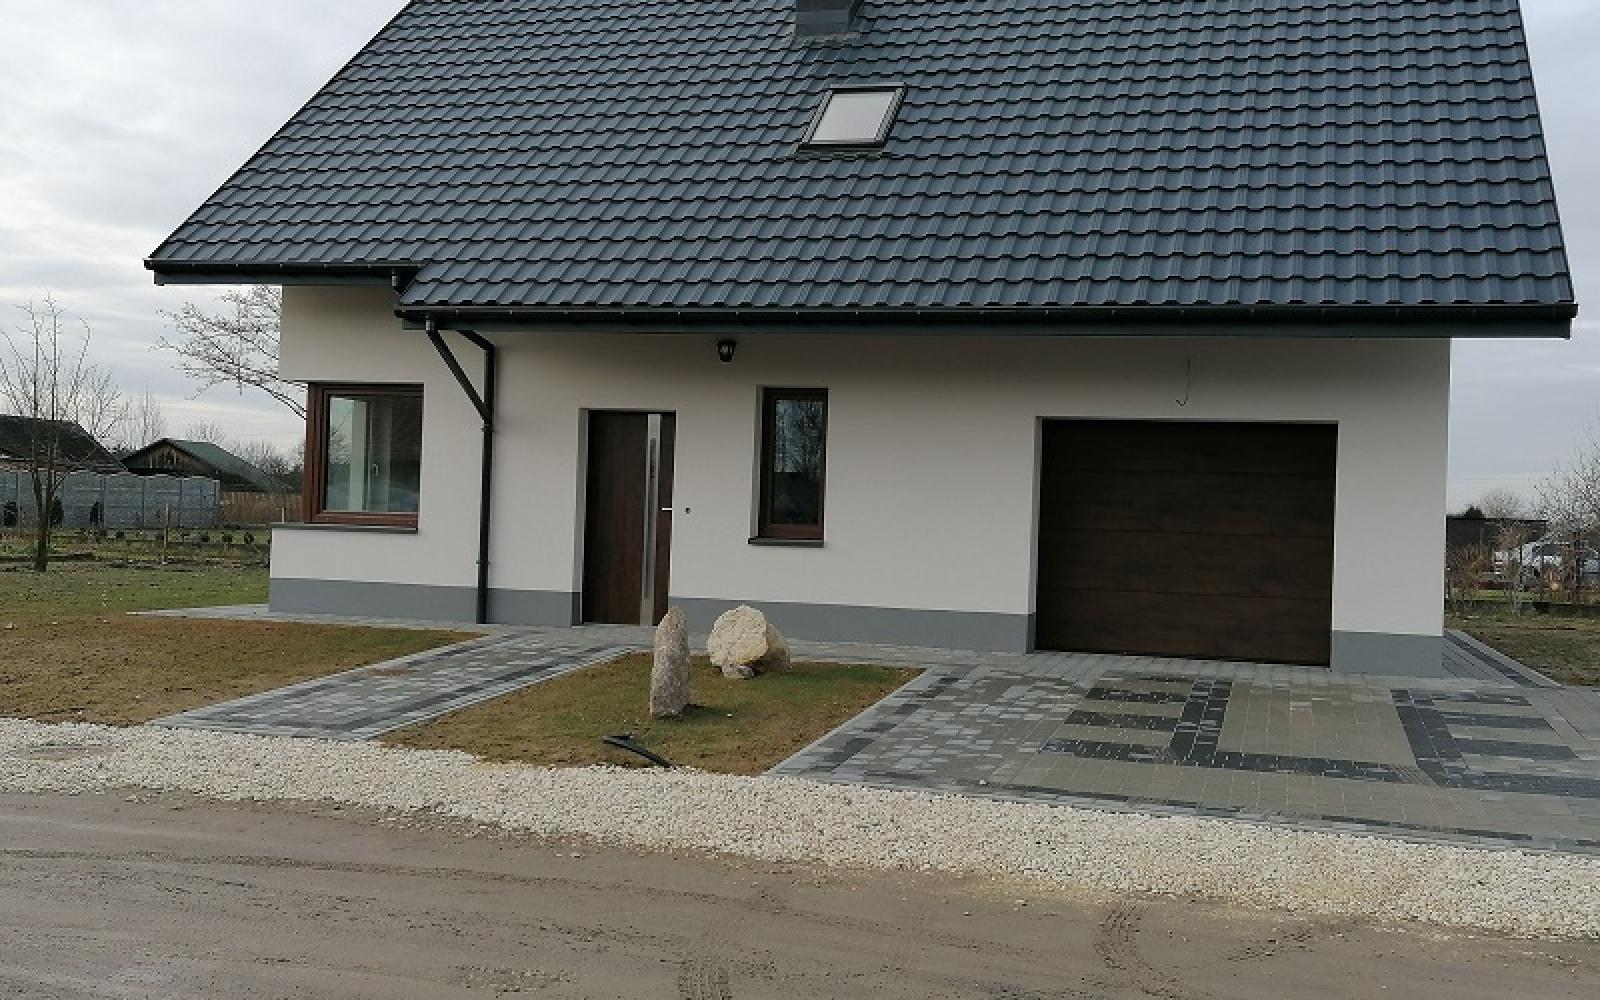 4 Bedrooms Bedrooms, 5 Rooms Rooms,1 BathroomBathrooms,Domy,Sprzedaż,1064